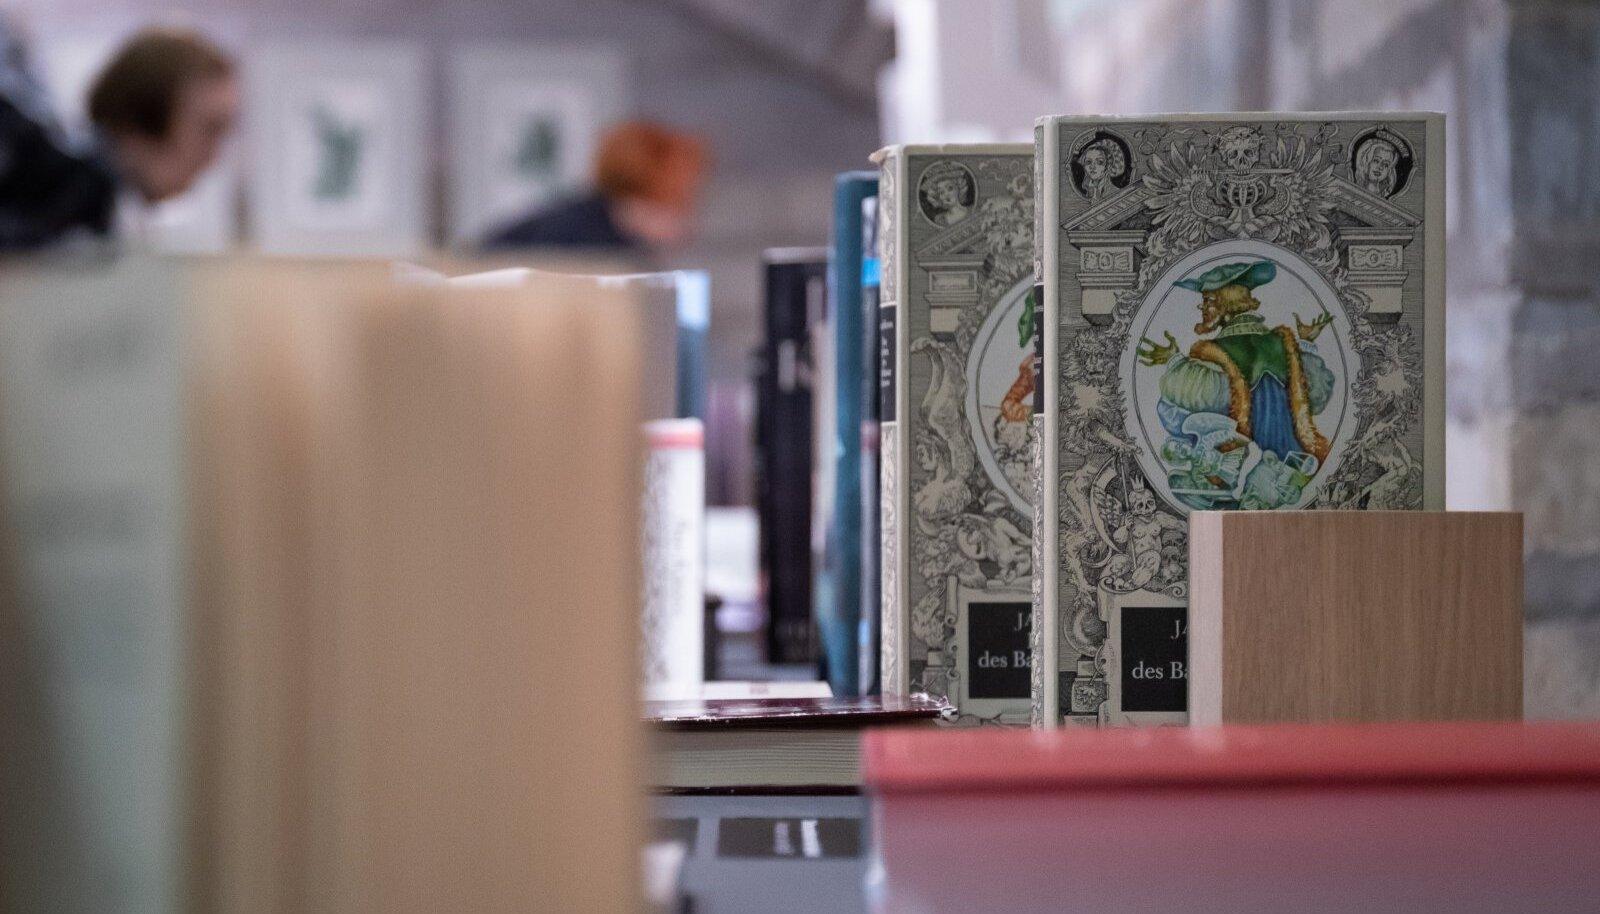 """Tallinn, 16.01.2019. 16. jaanuarist on rahvusraamatukogus avatud Jaan Krossi 100. sünniaastapäevale pühendatud näitus """"Maailma avastamine. Jaan Kross 100""""."""